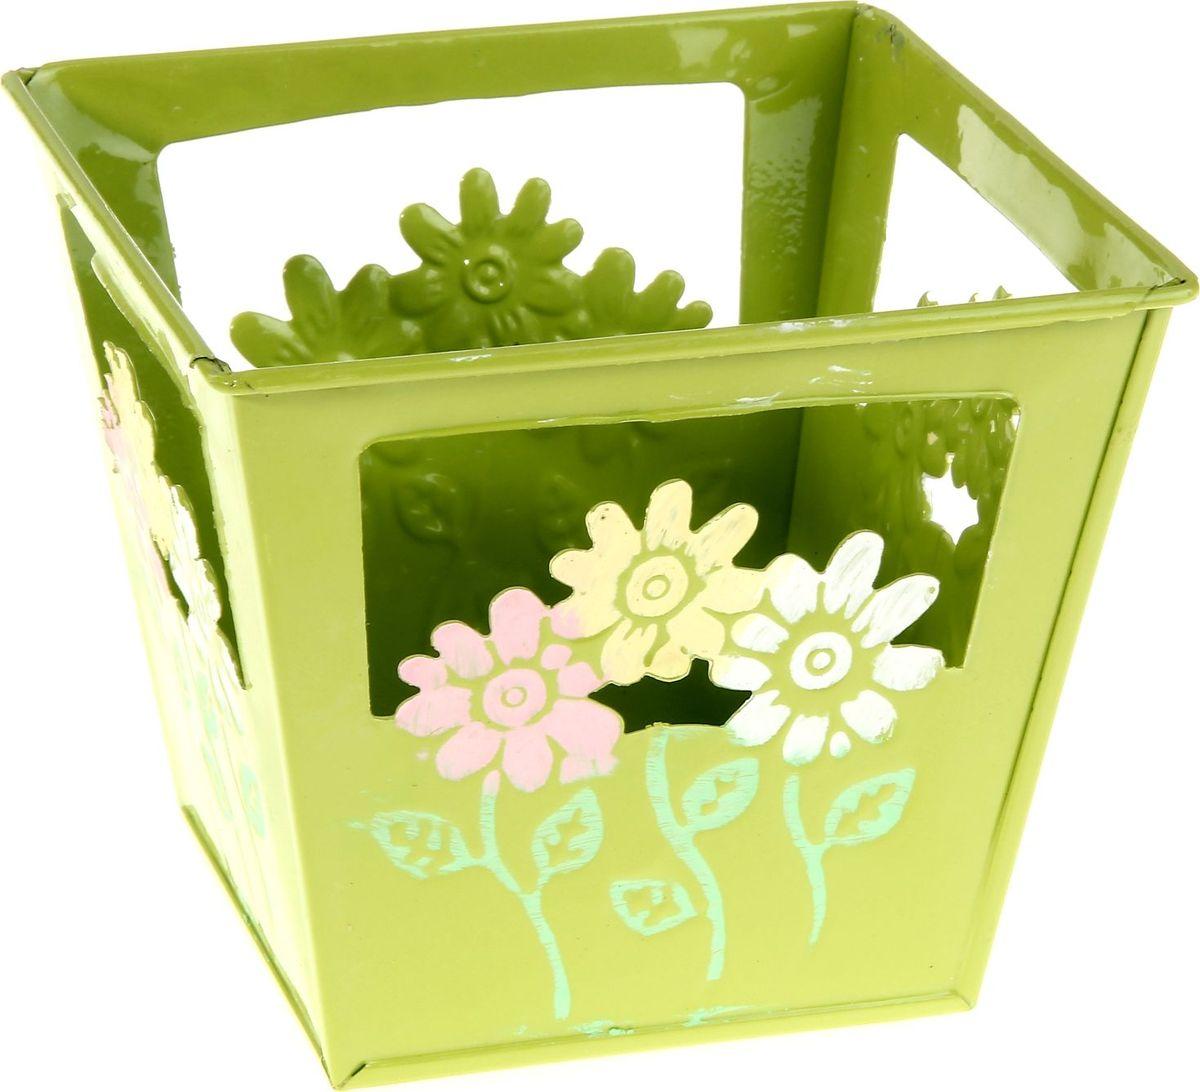 Кашпо Цветочки, цвет: салатовый, 12 х 12 х10 см232866Комнатные растения — всеобщие любимцы. Они радуют глаз, насыщают помещение кислородом и украшают пространство. Каждому из растений необходим свой удобный и красивый дом. Металлические декоративные вазы для горшков практичны и долговечны. позаботится о зеленом питомце, освежит интерьер и подчеркнет его стиль. Особенно выигрышно они смотрятся в экстерьере: на террасах и в беседках. При желании его всегда можно перекрасить в другой цвет.